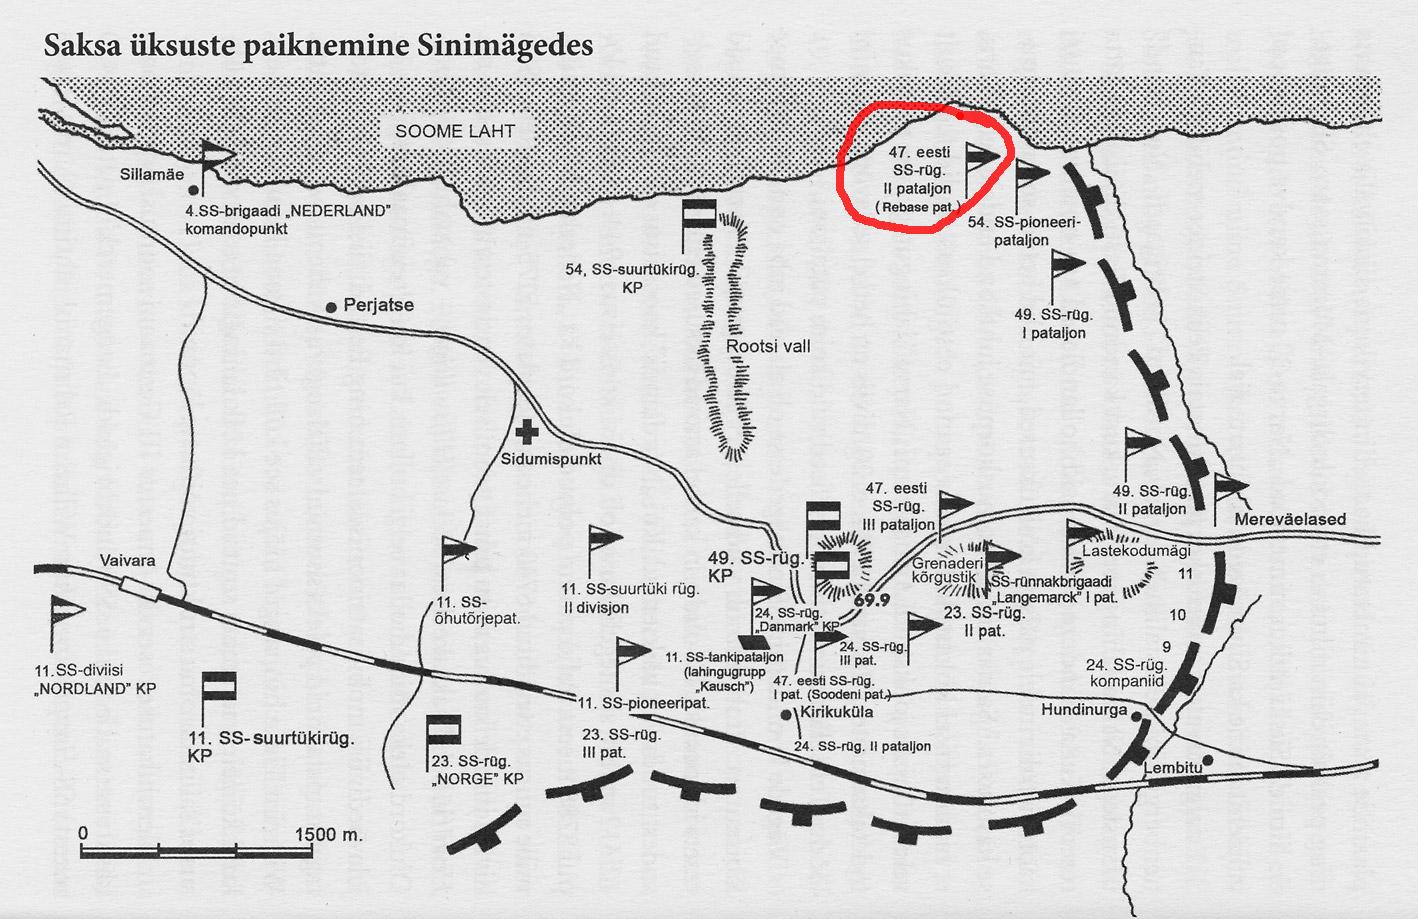 0476c-Saksa-üksuste-paiknemine-Sinimägedes